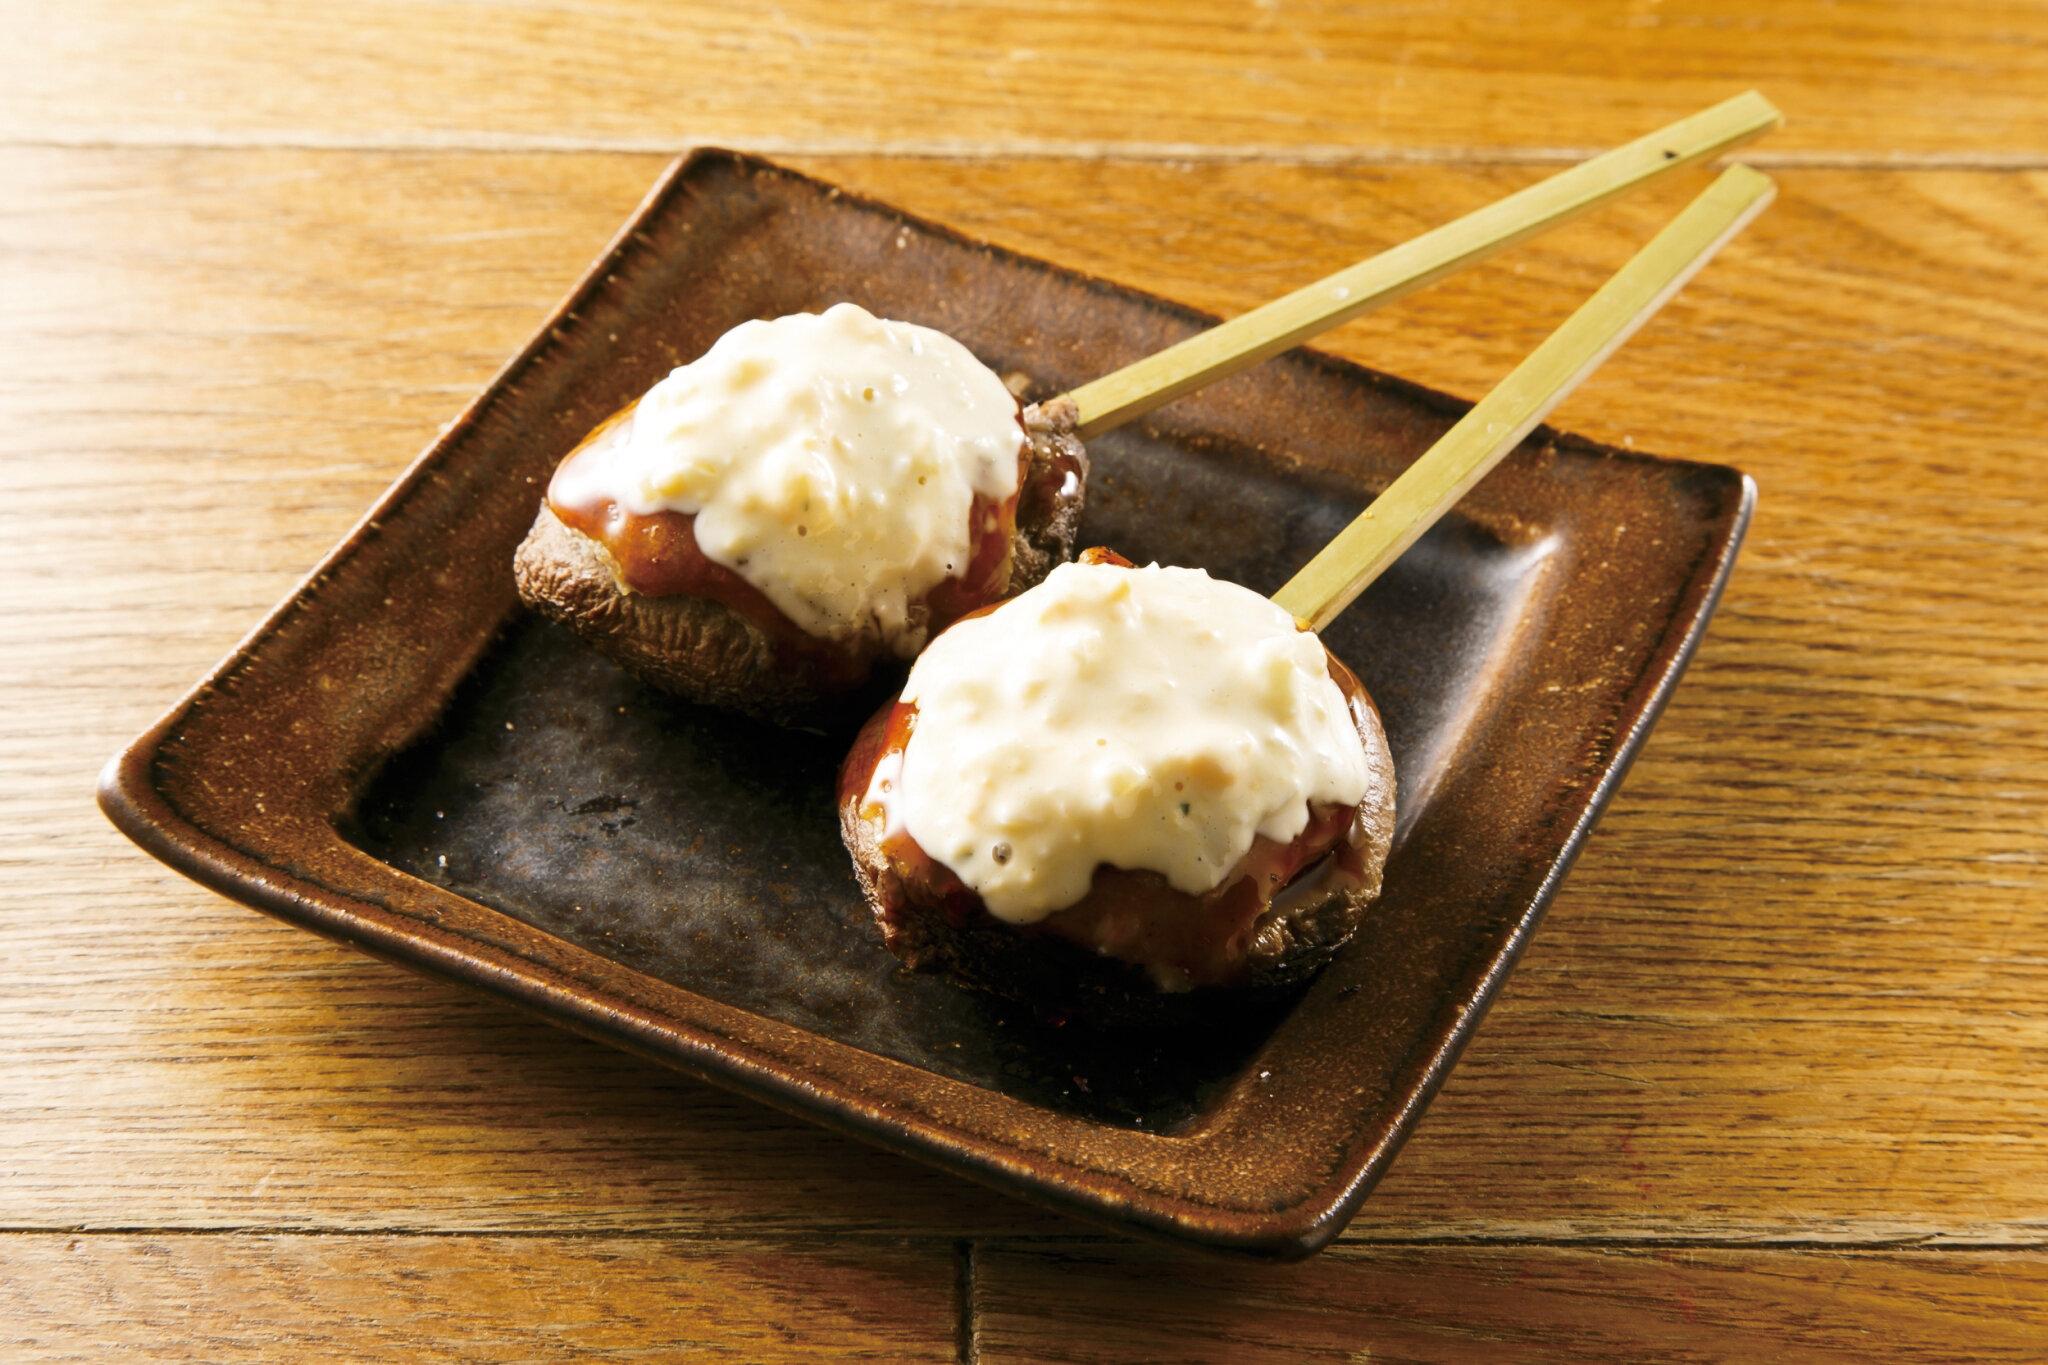 椎茸つくね焼き Grilled Shiitake Mushroom with Chicken Tsukune (Mince Ball) ($8)